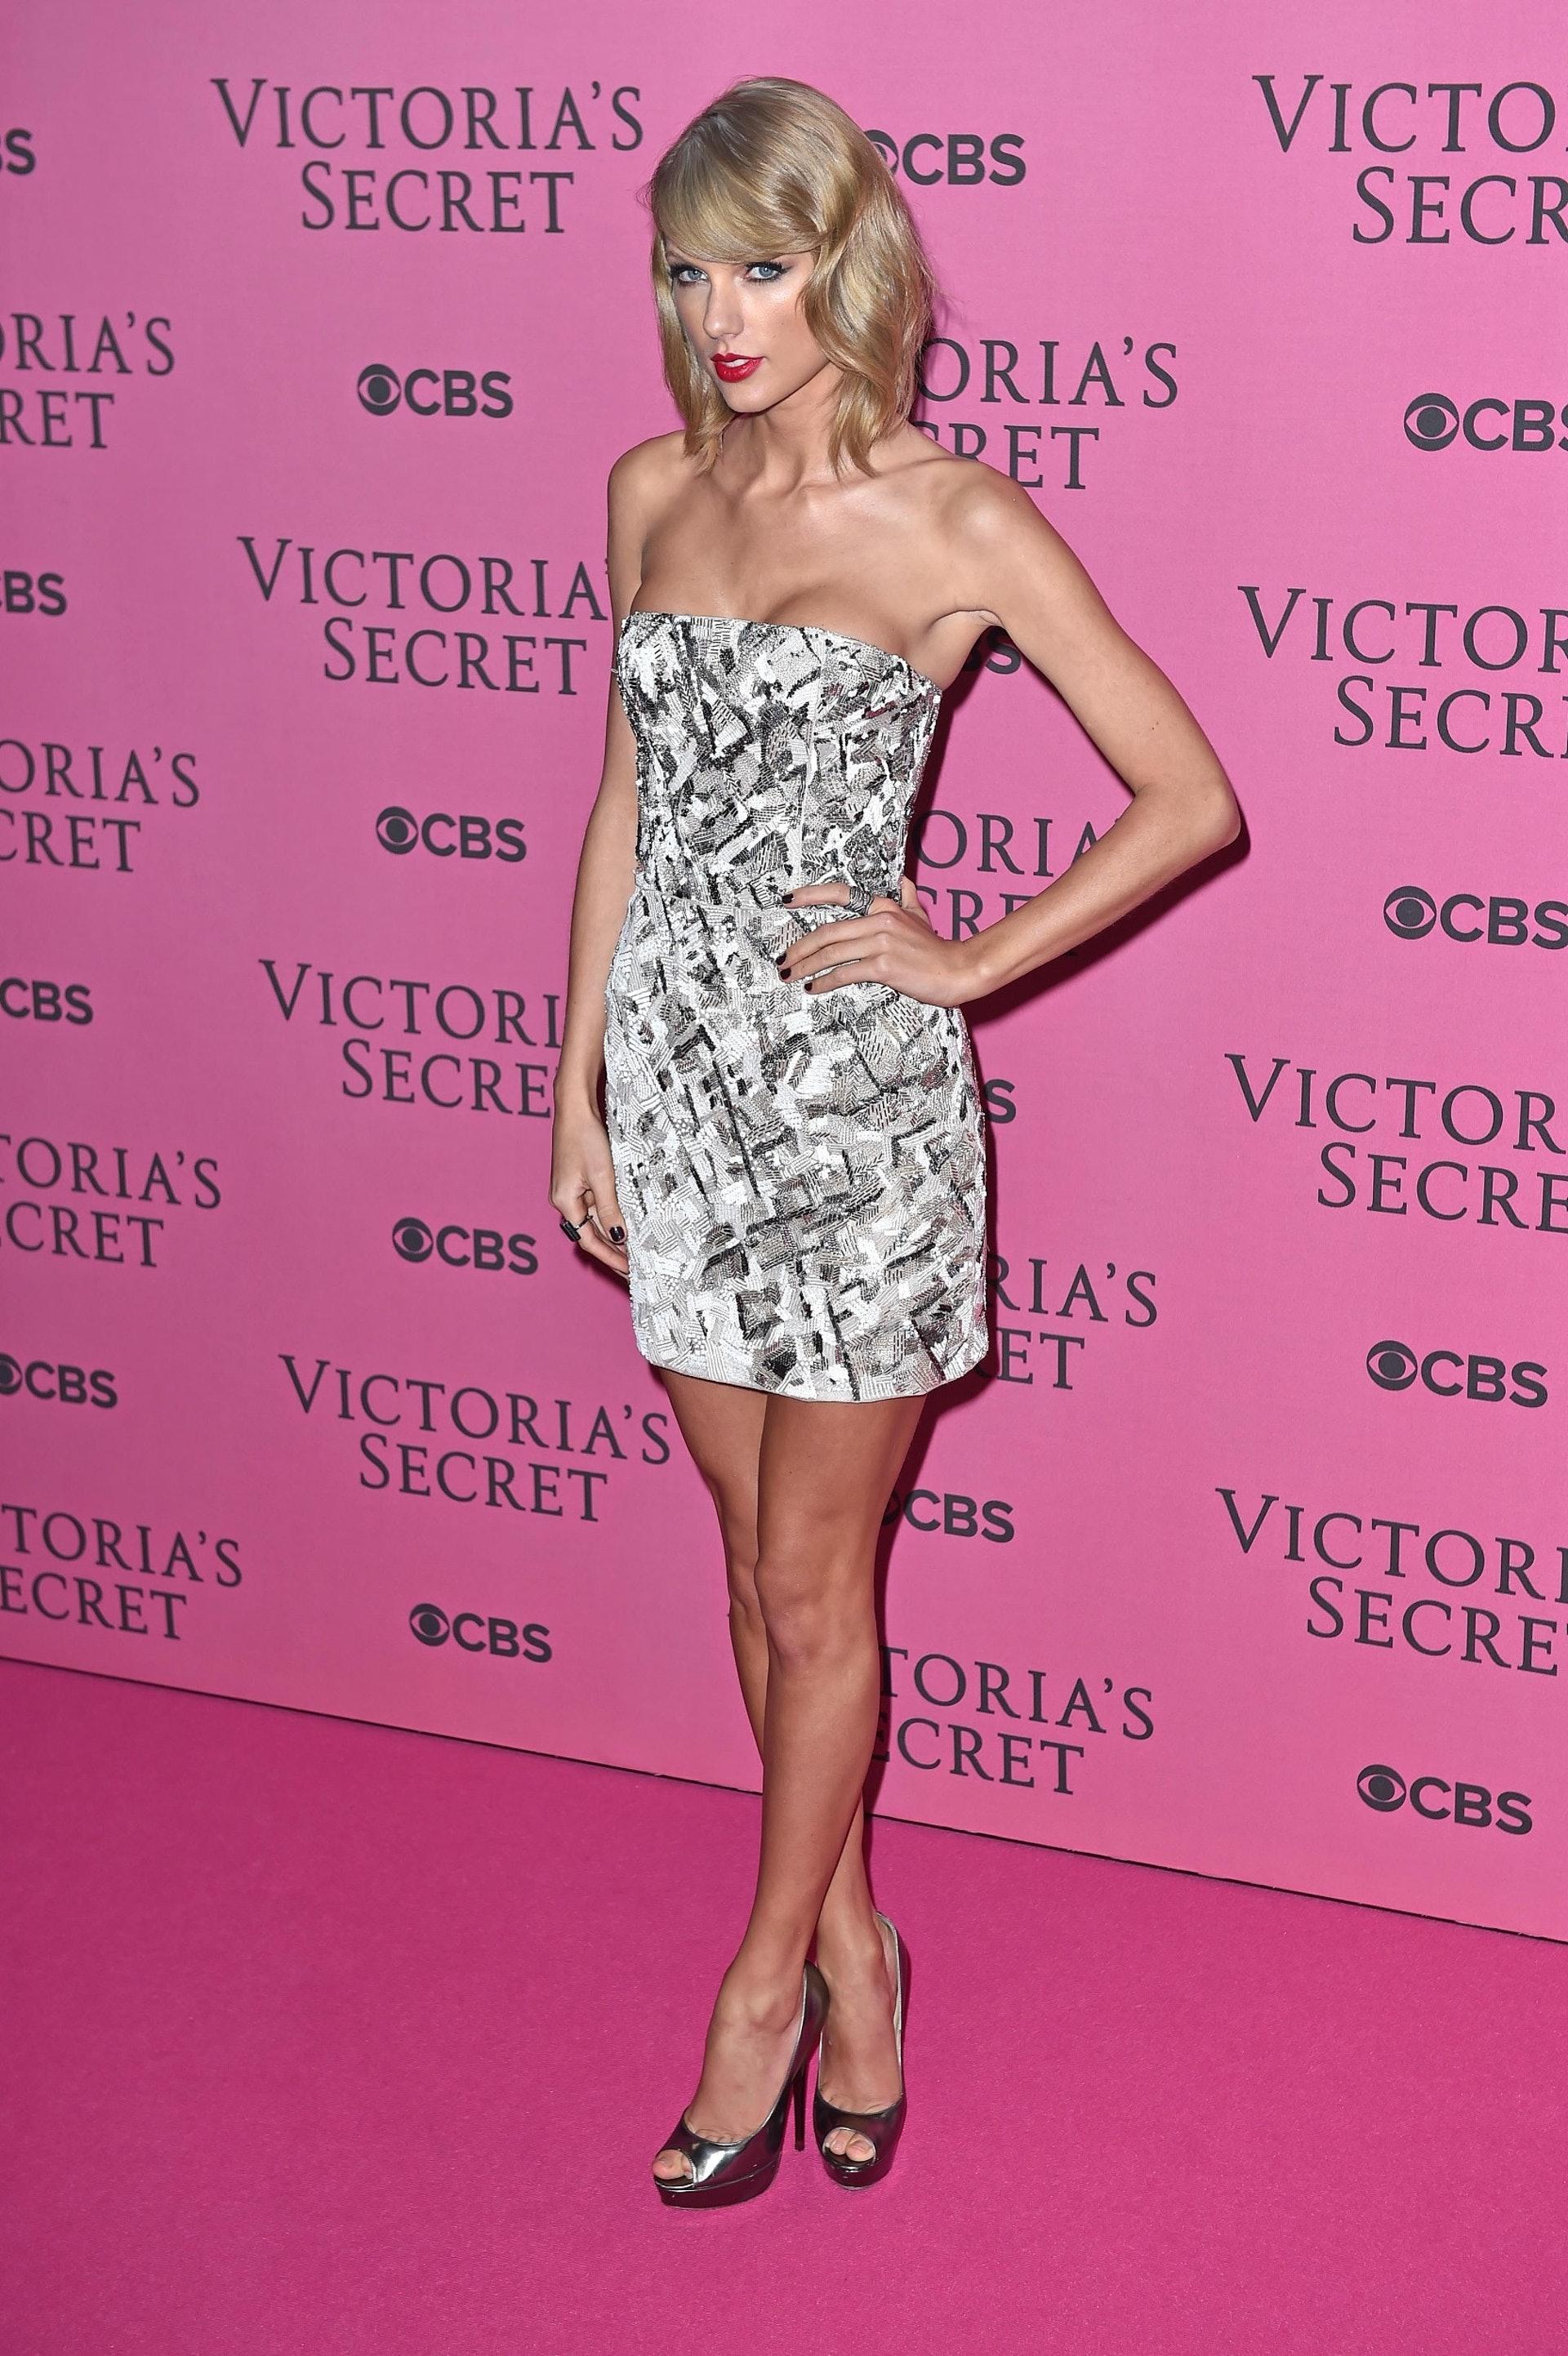 身高178cm的Taylor Swift擁有超級模特兒一樣的好身材。(Getty Images)